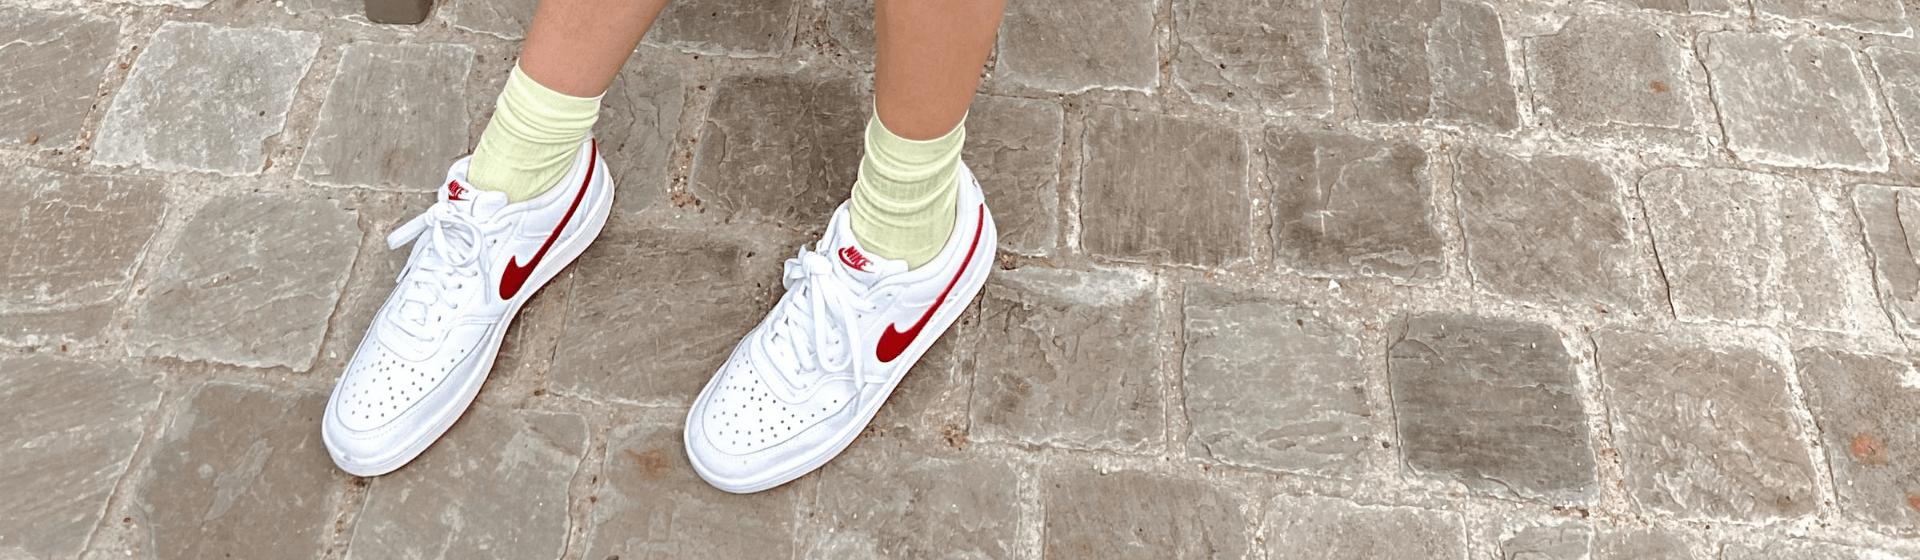 favoriete Nikes Saghar